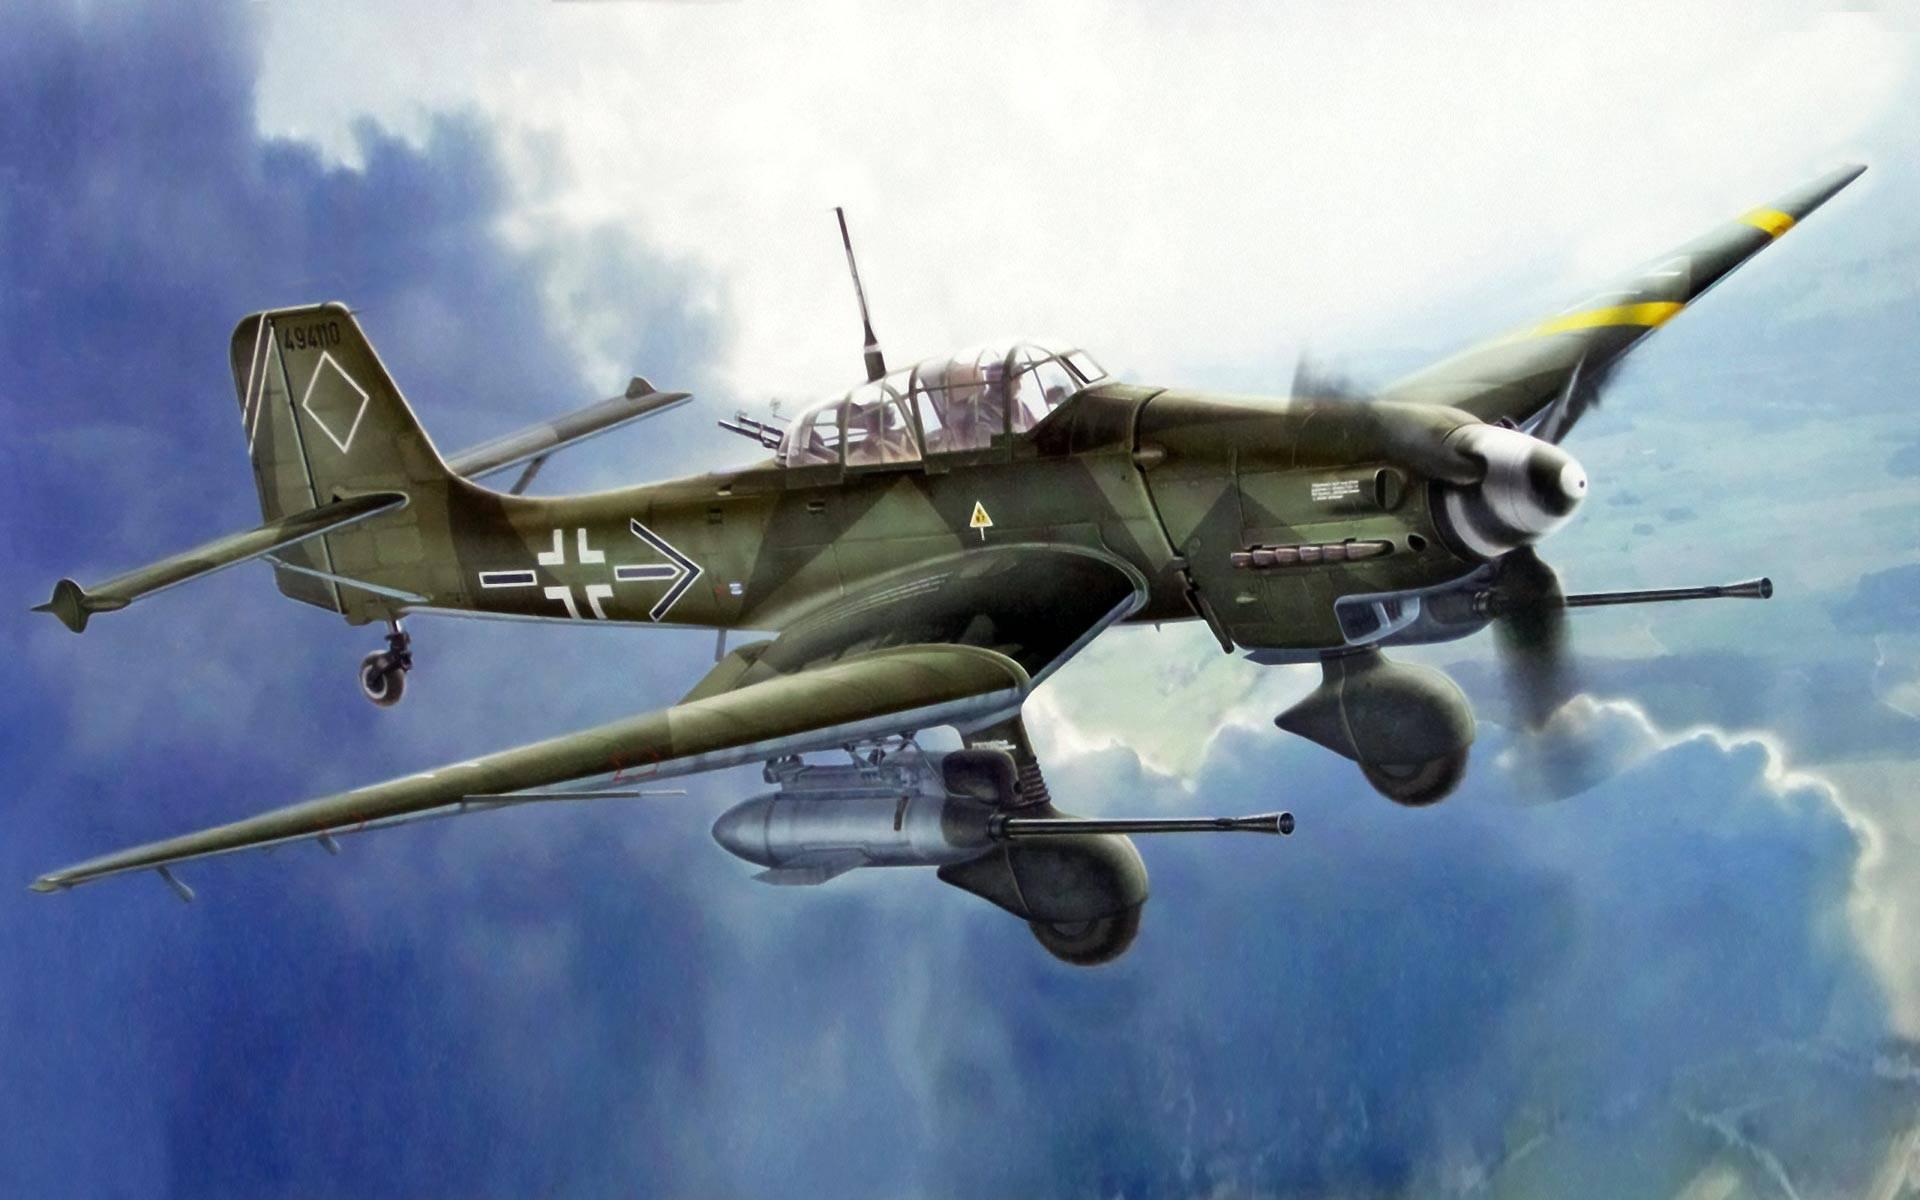 Проект пикирующего бомбардировщика junkers ju-187 (германия. 1940 -1943 год)